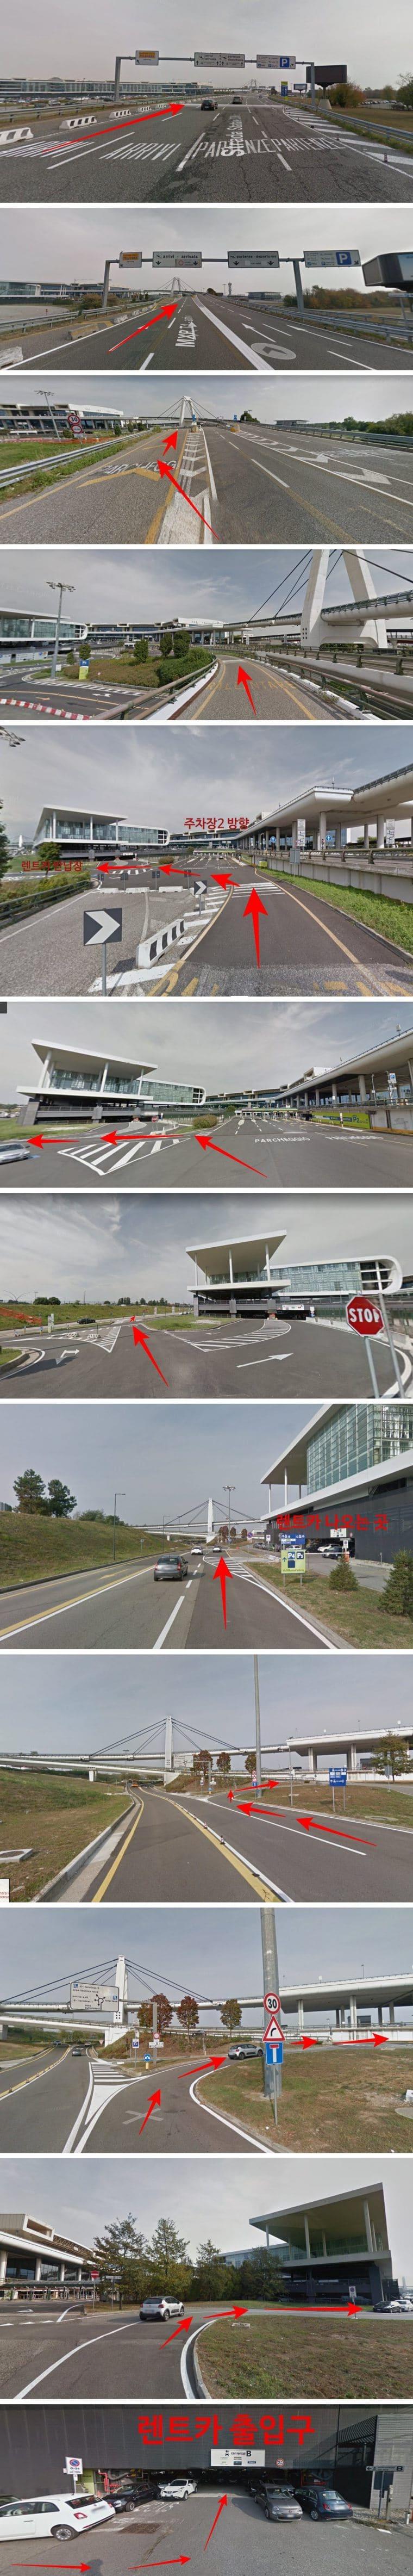 이탈리아 밀라노 공항으로 렌트카 반납하러 가기, 구글 360도 파노라마 사진으로 가능 경로 확인